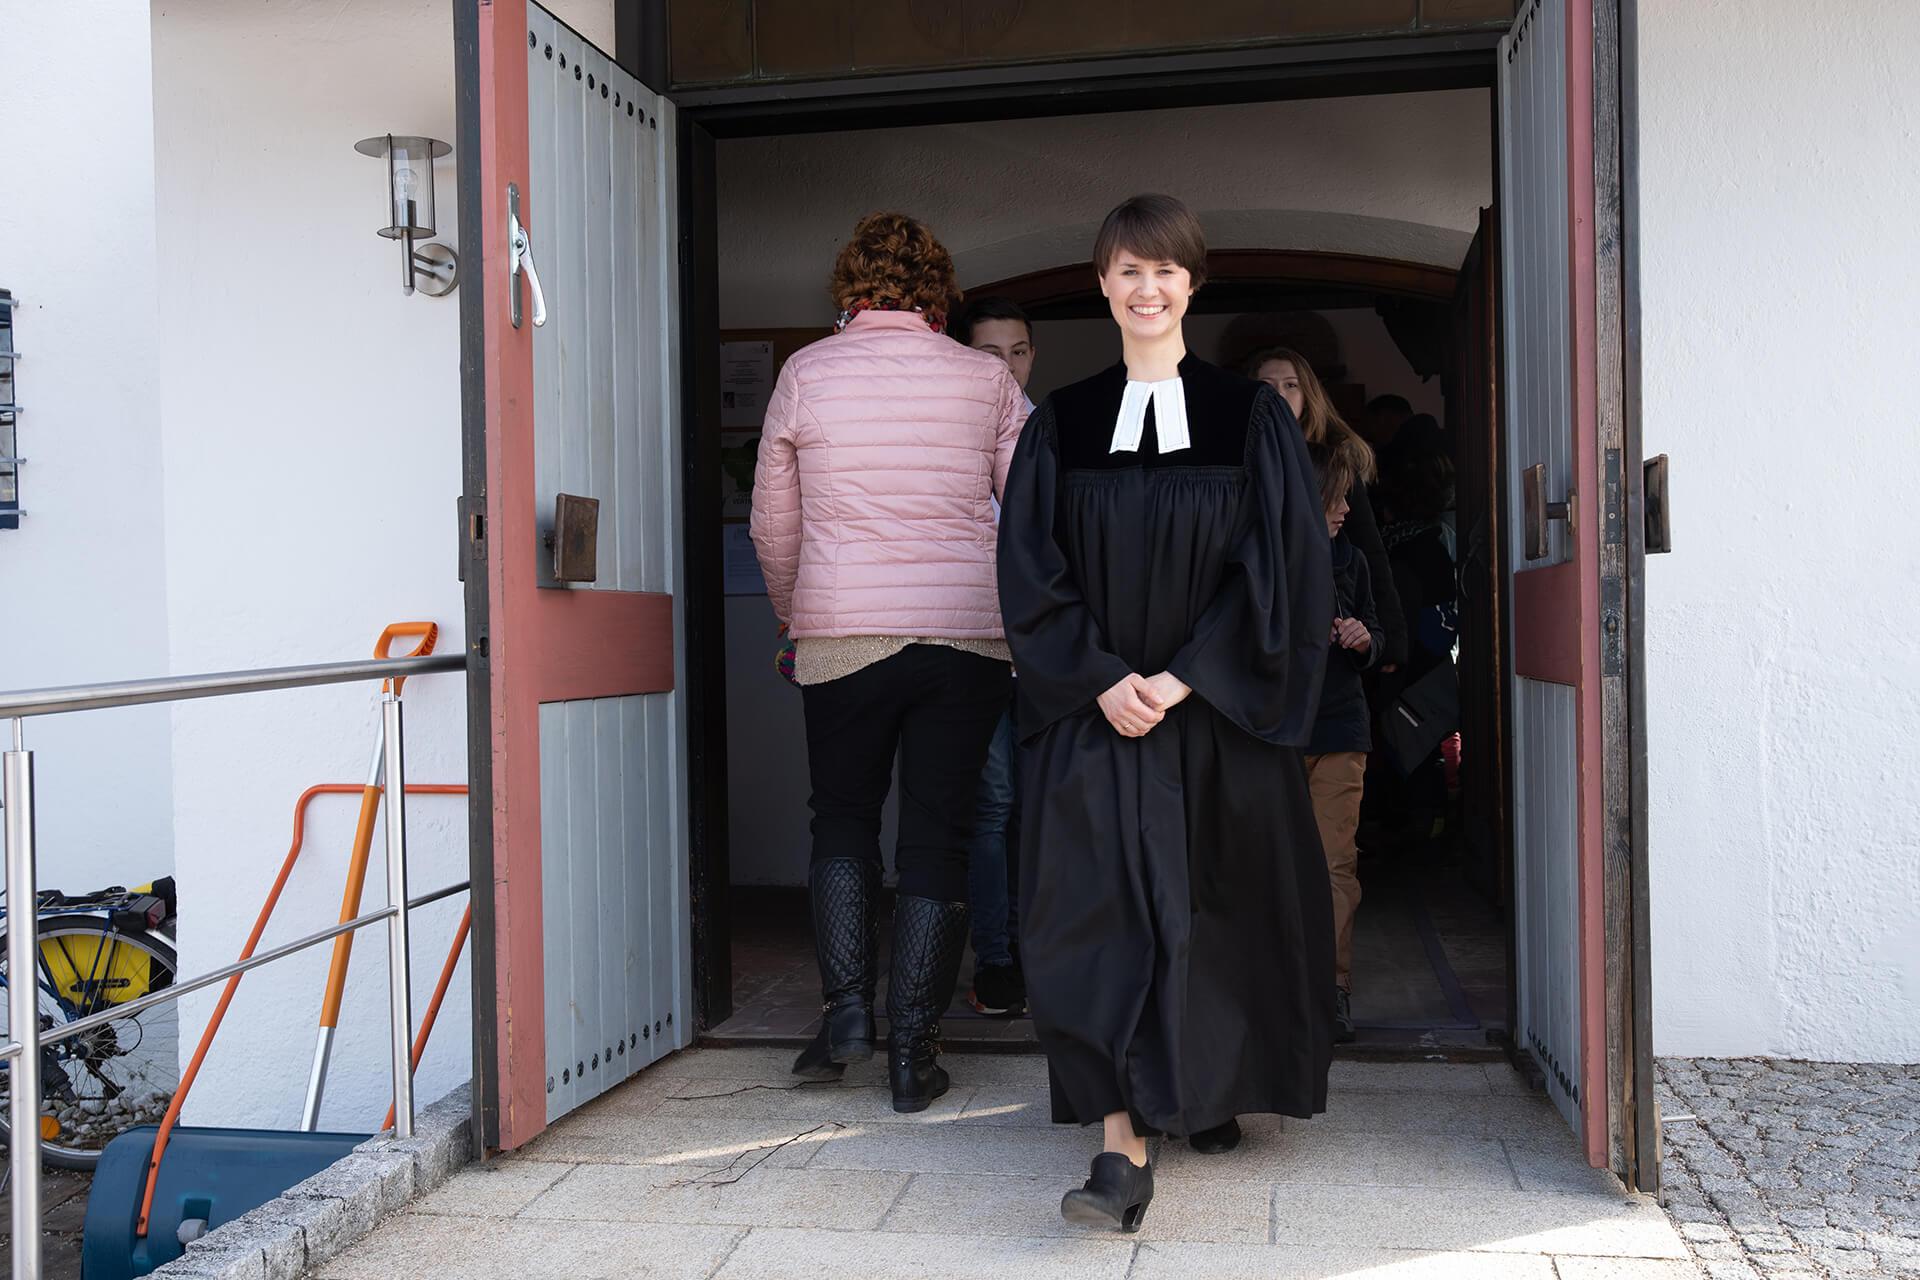 Pfarrerin nach einem Gottesdienst